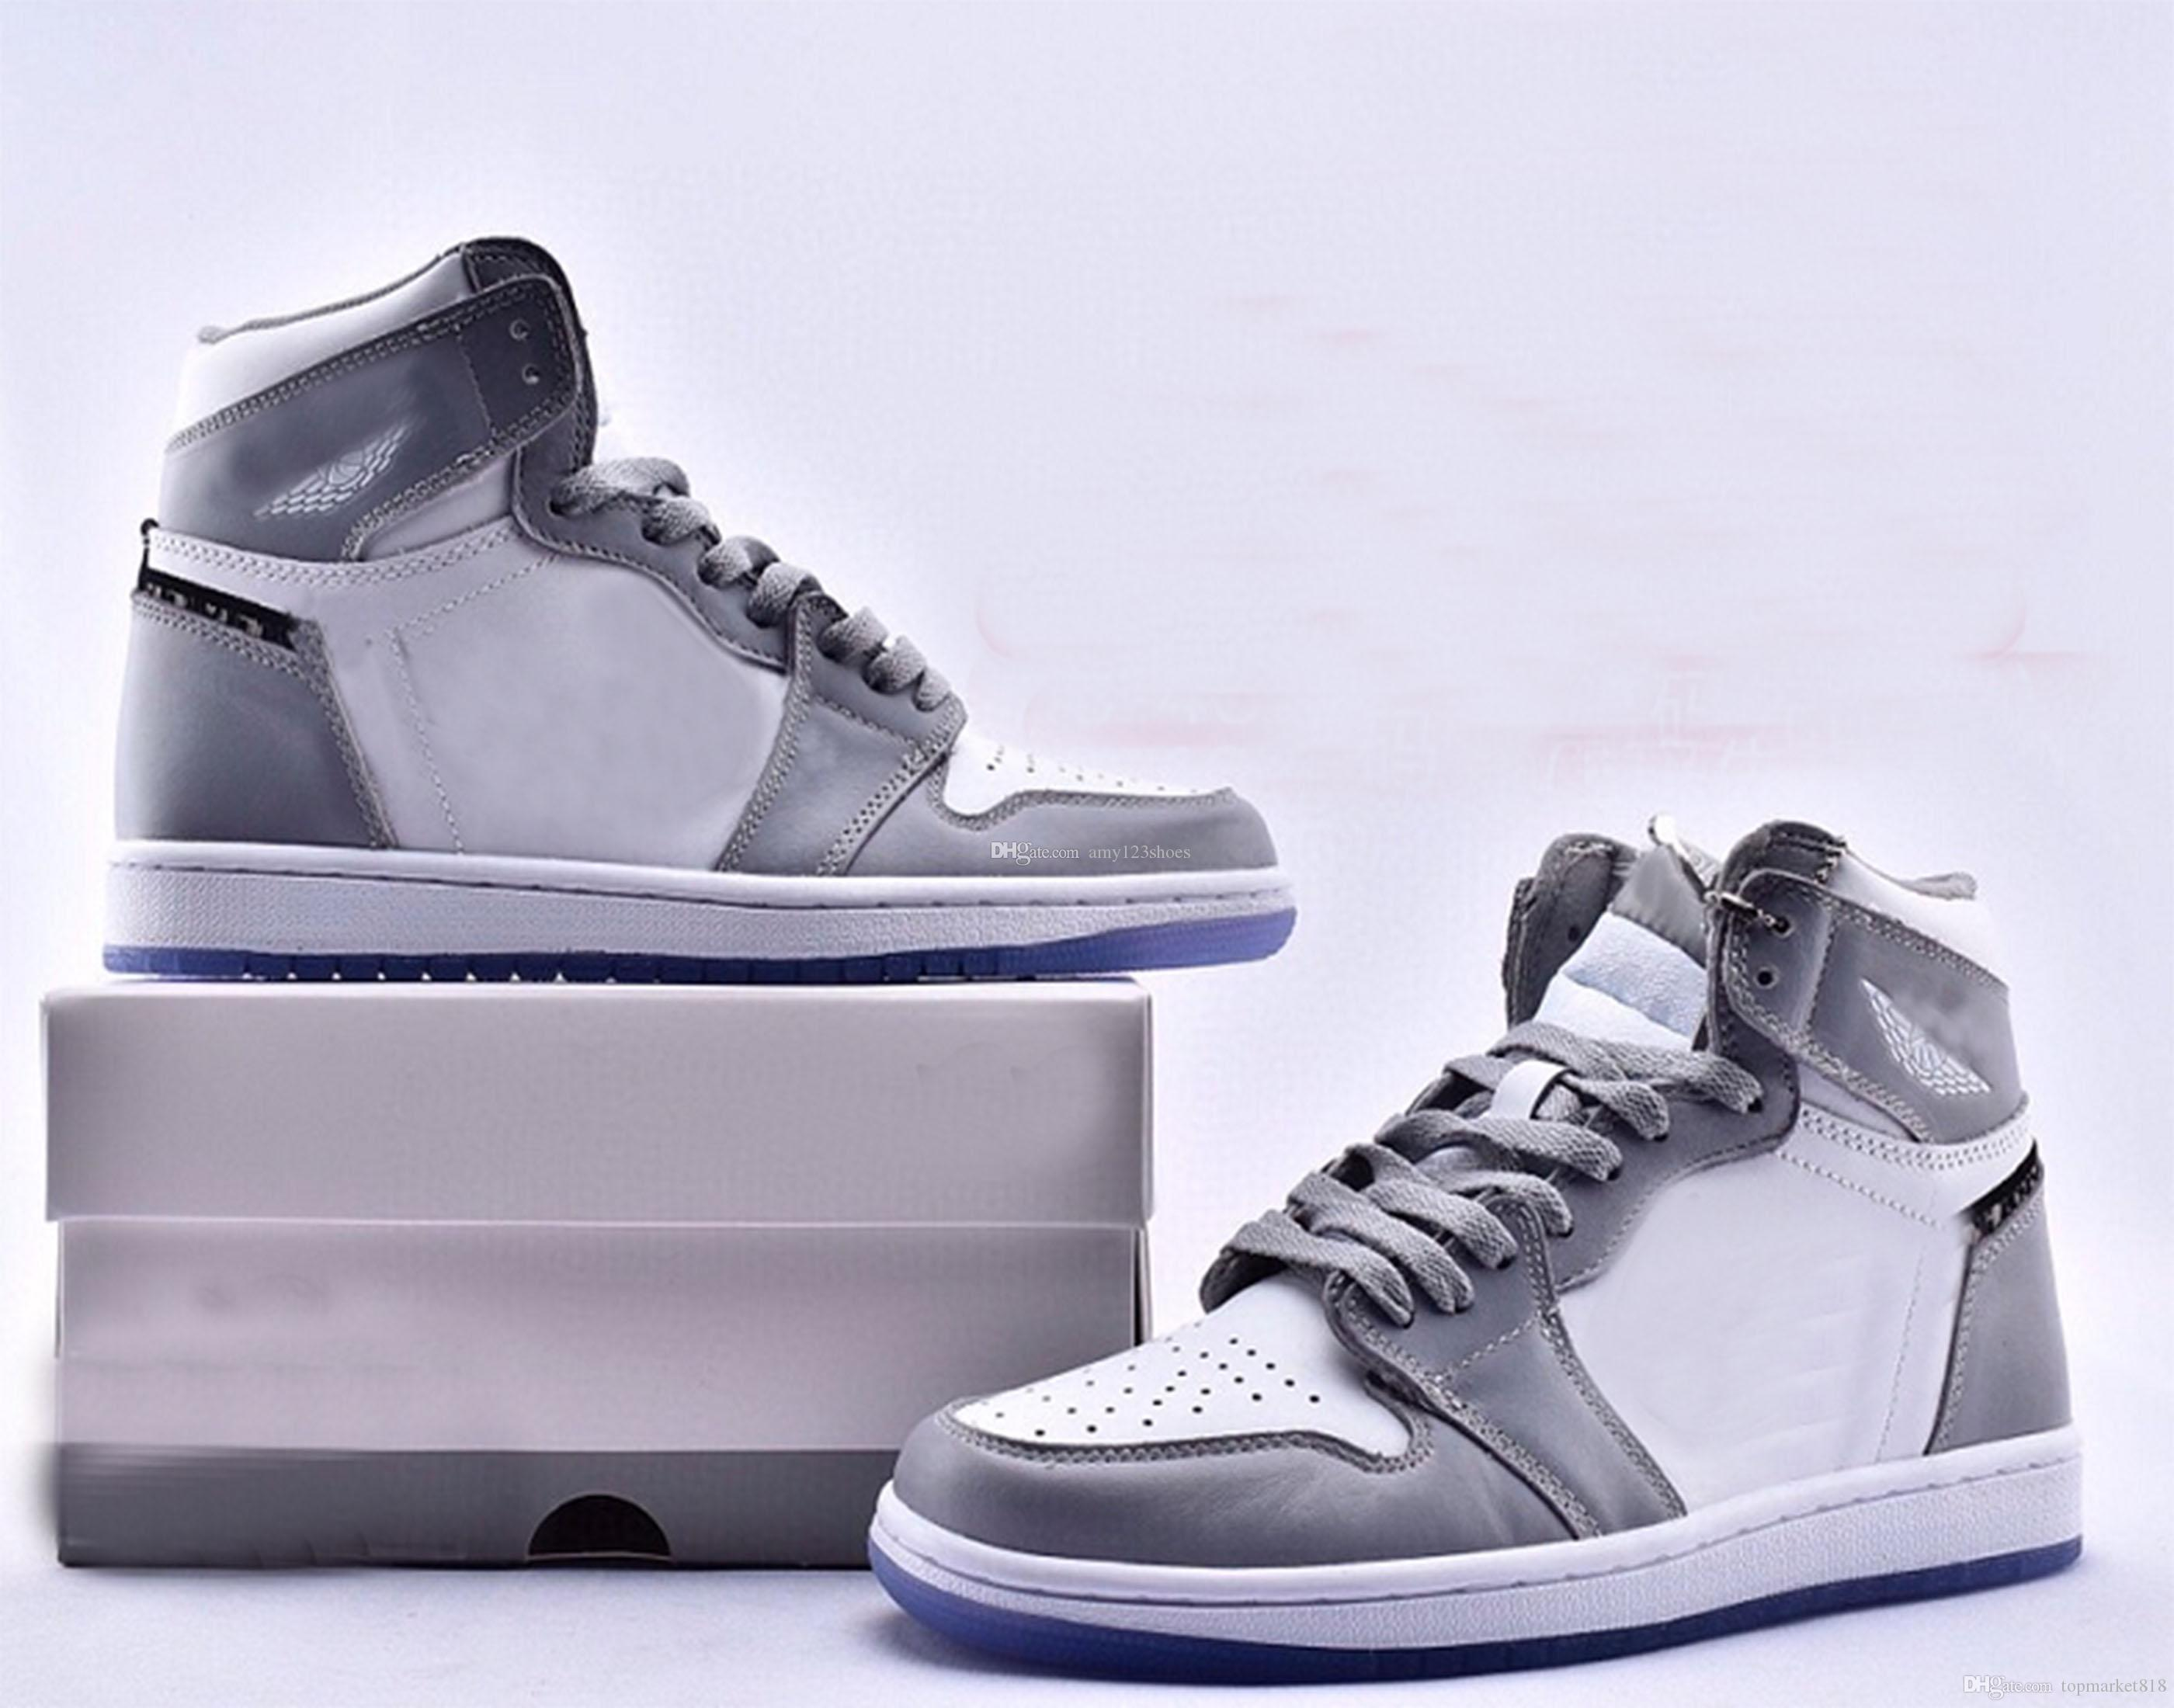 36 ~ 46: 2020 En Yeni 1s 1 Yüksek OG Siyah Saten Basketbol Ayakkabı 1s Man kadın Sneakers Cn8607-002 ile Kutu boyutu sütümsü